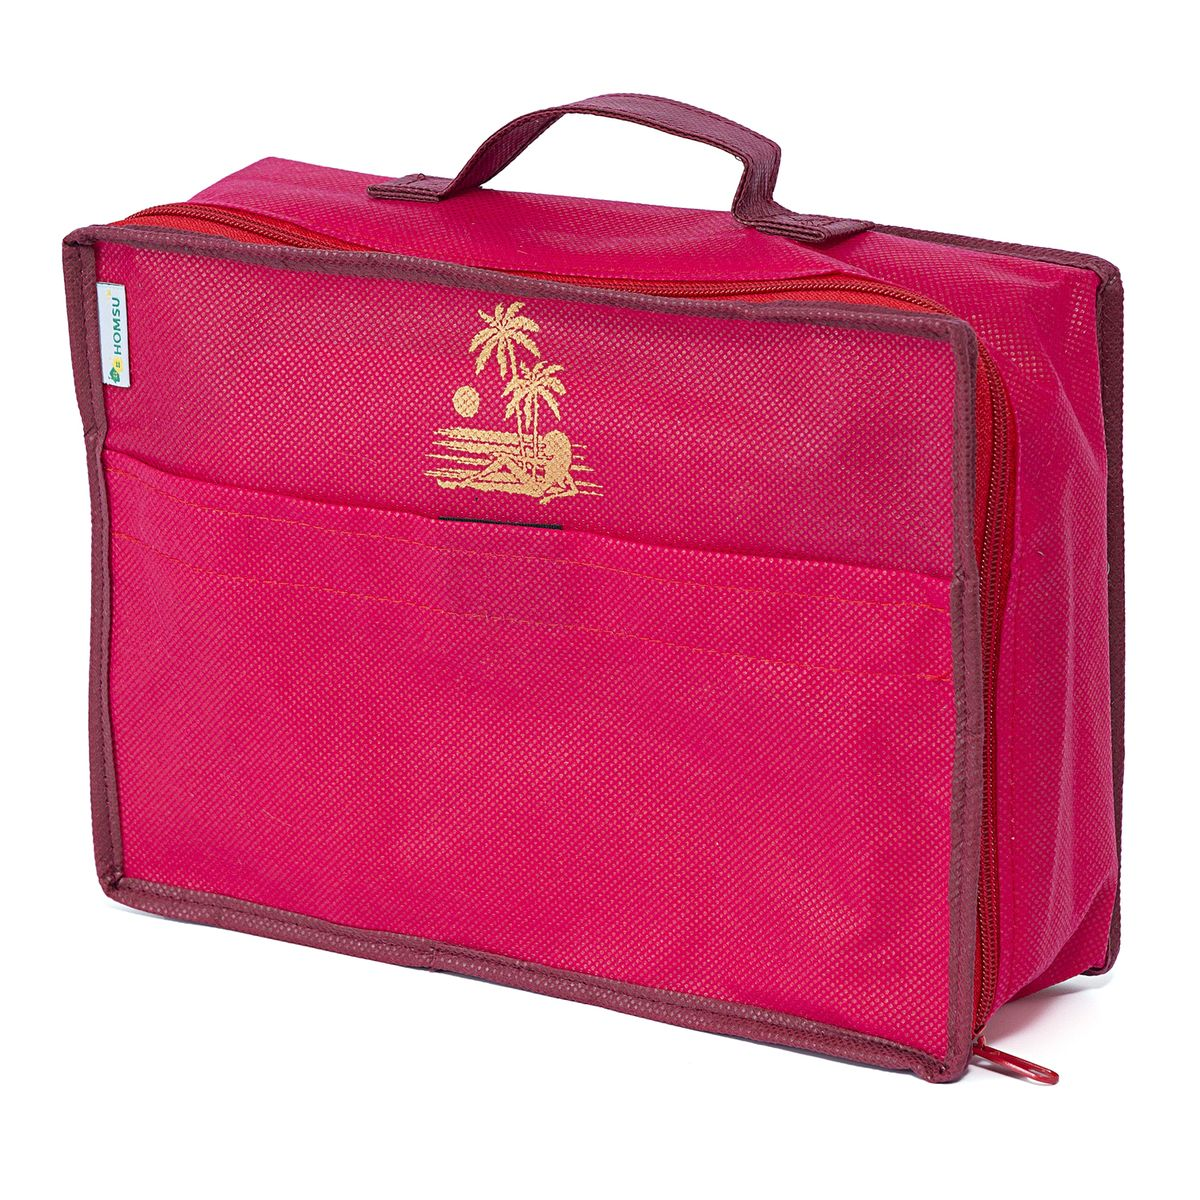 Сумка для багажа Homsu Lady in Red, 28 х 20 х 9 смВСП 6Сумка для багажа Homsu Lady in Red выполнена из спанбонда и картона. Вместе с оригинальным современным дизайном такая сумка для багажа принесёт также очень существенную практическую пользу в любом путешествии. Благодаря ей вы сможете распределить все вещи, которые возьмёте с собой, таким образом, что всегда будете иметь быстрый доступ к ним, и при этом надёжно защитить от пыли, грязи, влажности или механических повреждений.